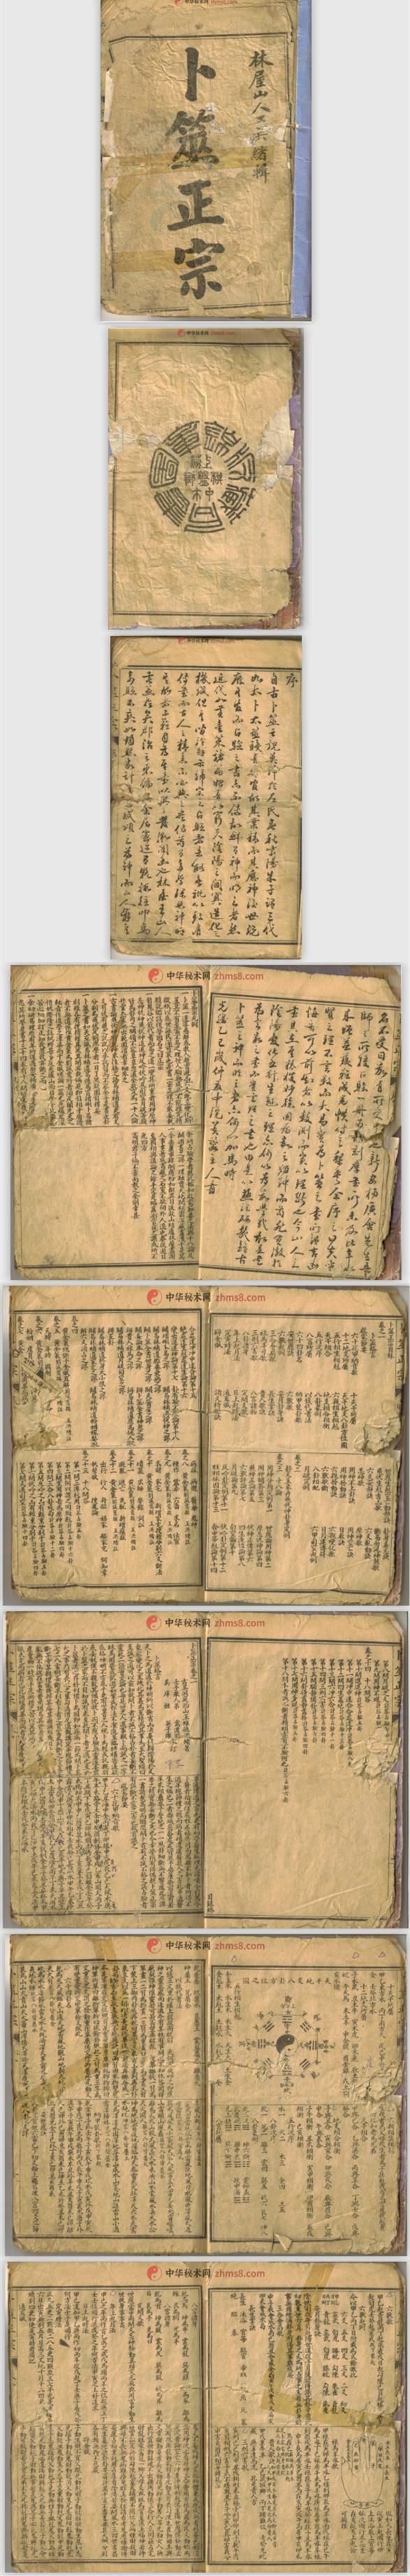 【术藏】第2卷《卜筮正宗》[清]王维德辑